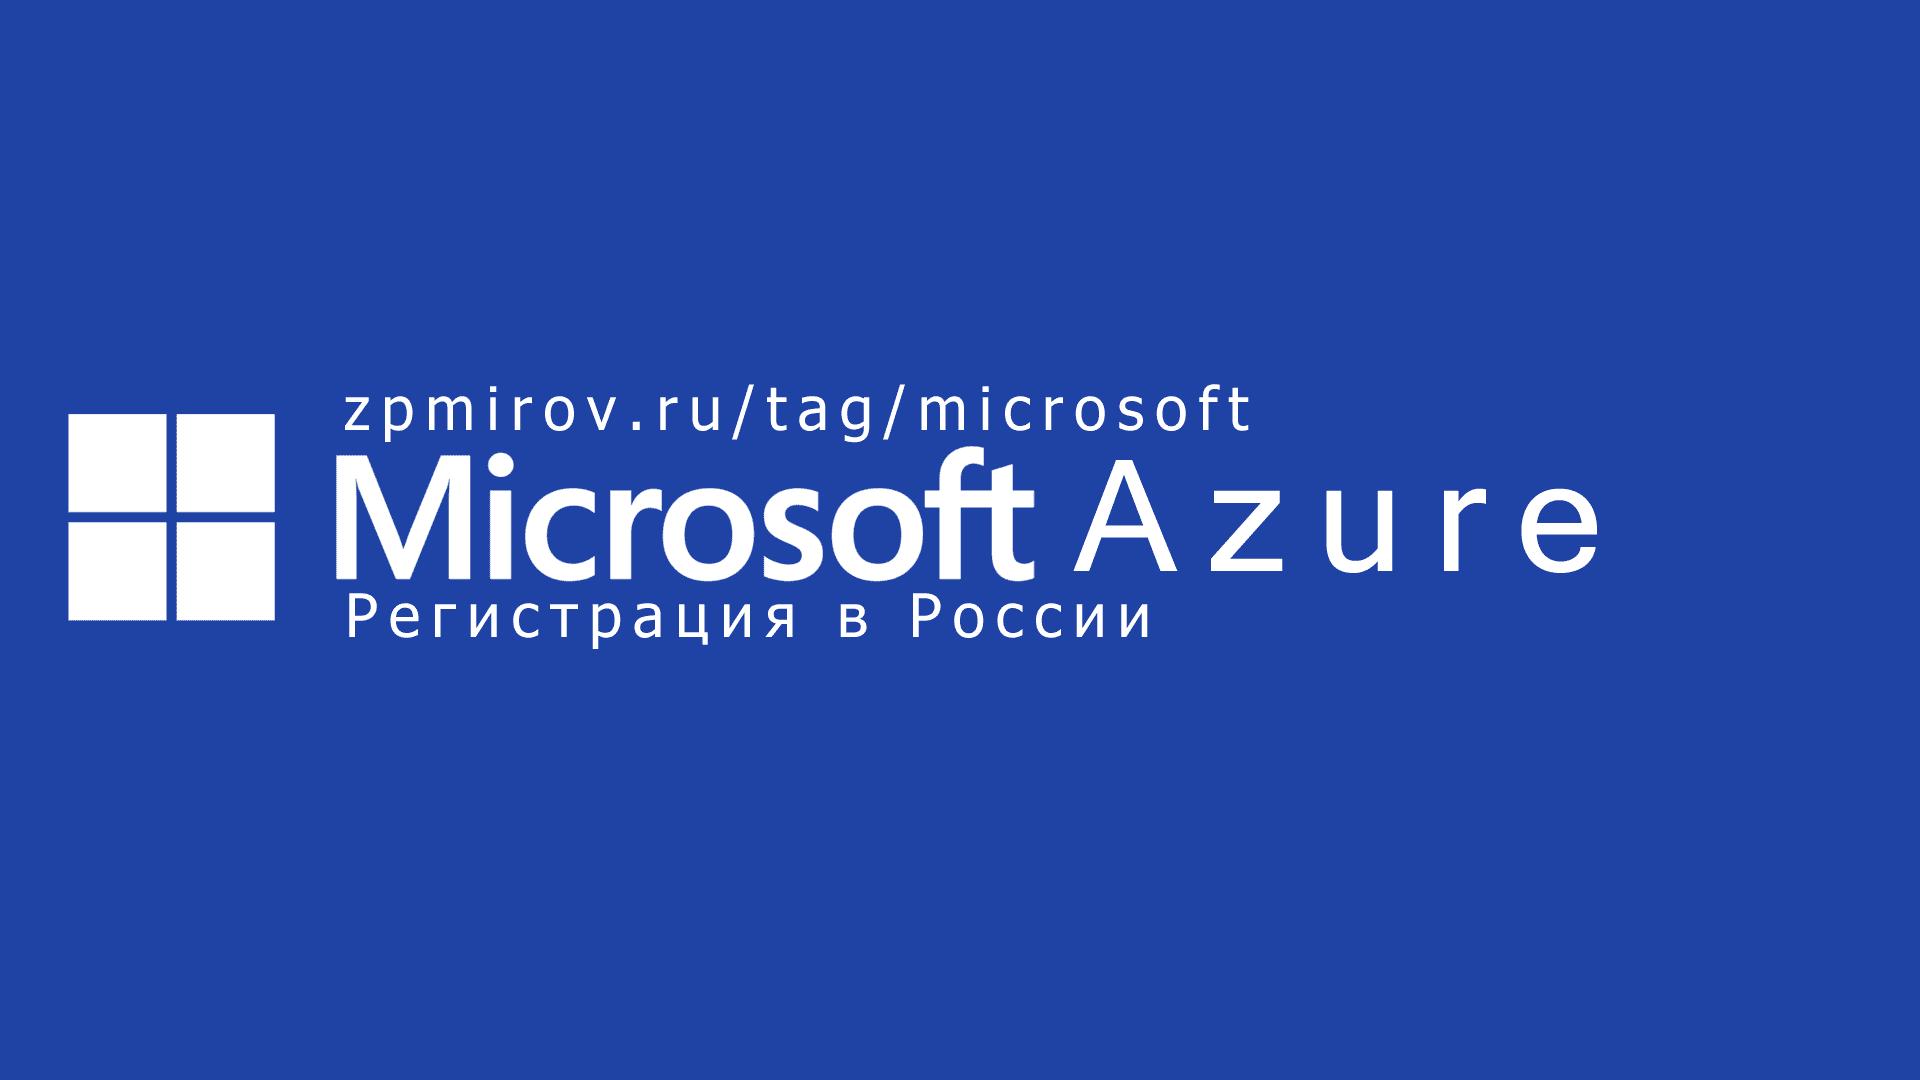 Как создать профиль в Microsoft Azure и пользоваться бесплатно